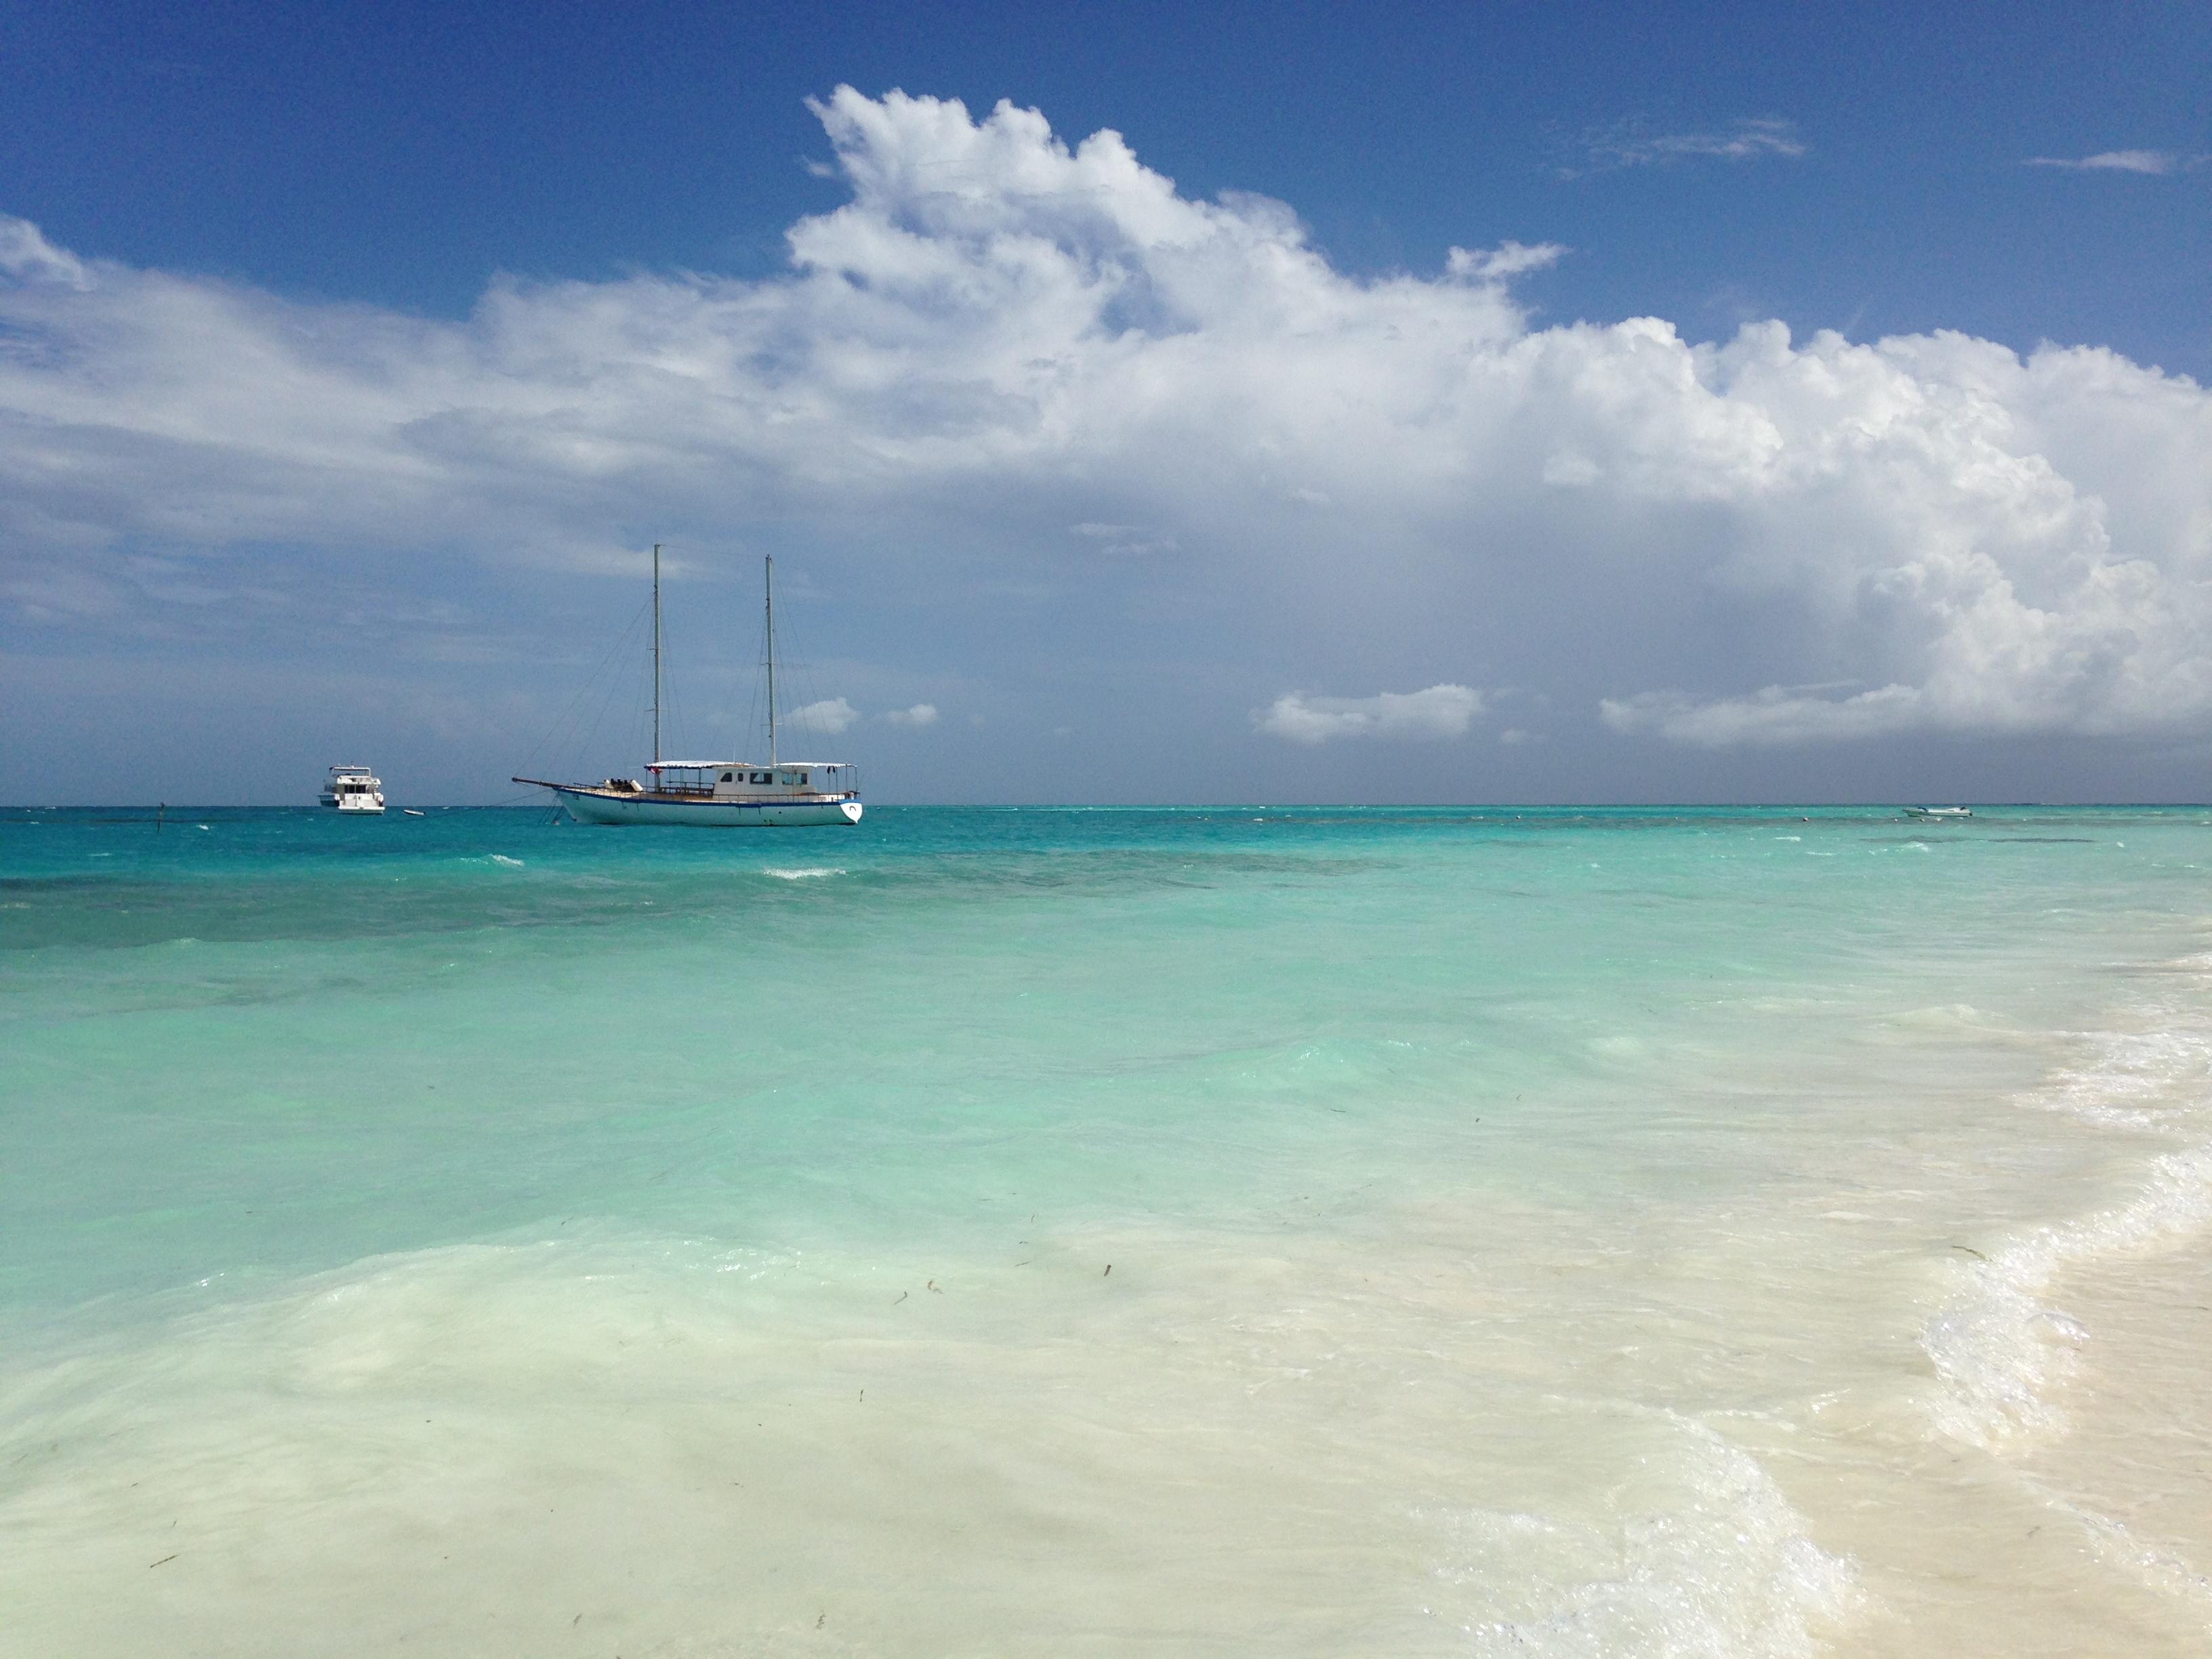 马尔代夫旅游攻略指南? 携程攻略社区! 靠谱的旅游攻略平台,最佳的马尔代夫自助游、自由行、自驾游、跟团旅线路,海量马尔代夫旅游景点图片、游记、交通、美食、购物、住宿、娱乐、行程、指南等旅游攻略信息,了解更多马尔代夫旅游信息就来携程旅游攻略。